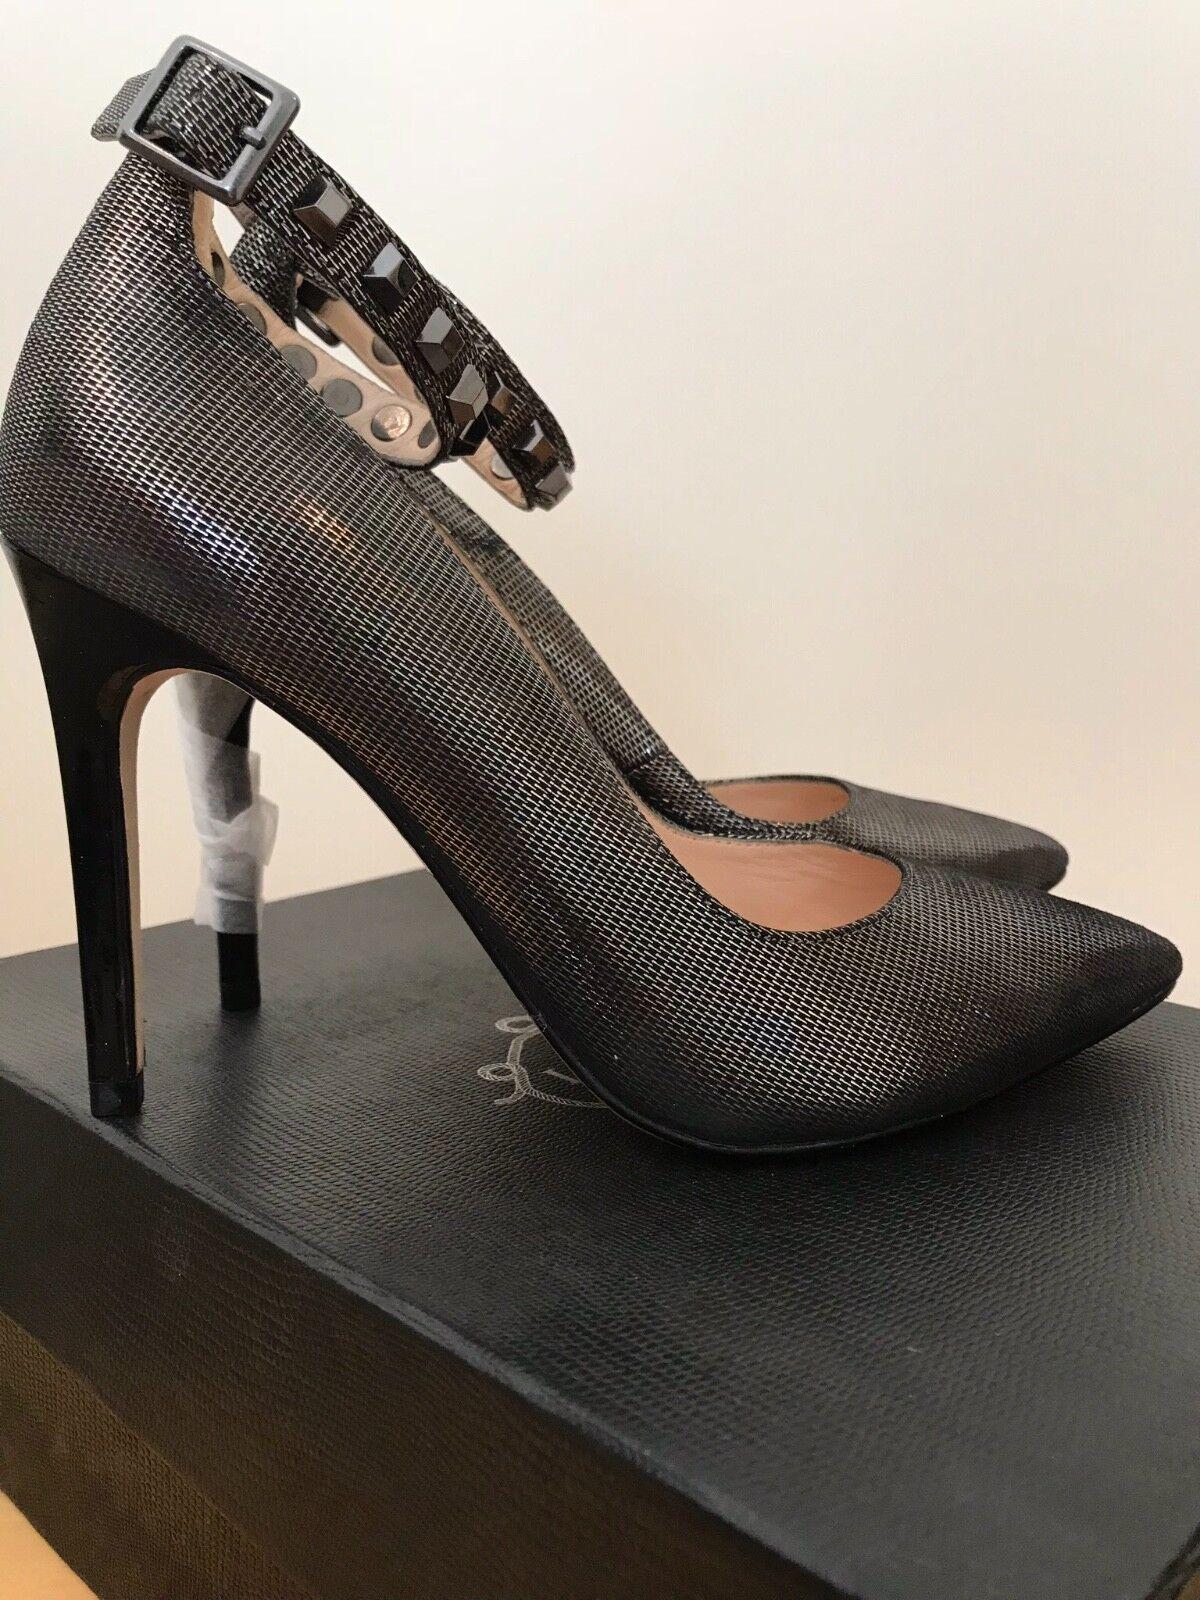 NUOVO Lucy Choi Nero/Grigio Cuoio Scarpe metallico, dettaglio cinturino alla caviglia, taglia 4 (37)